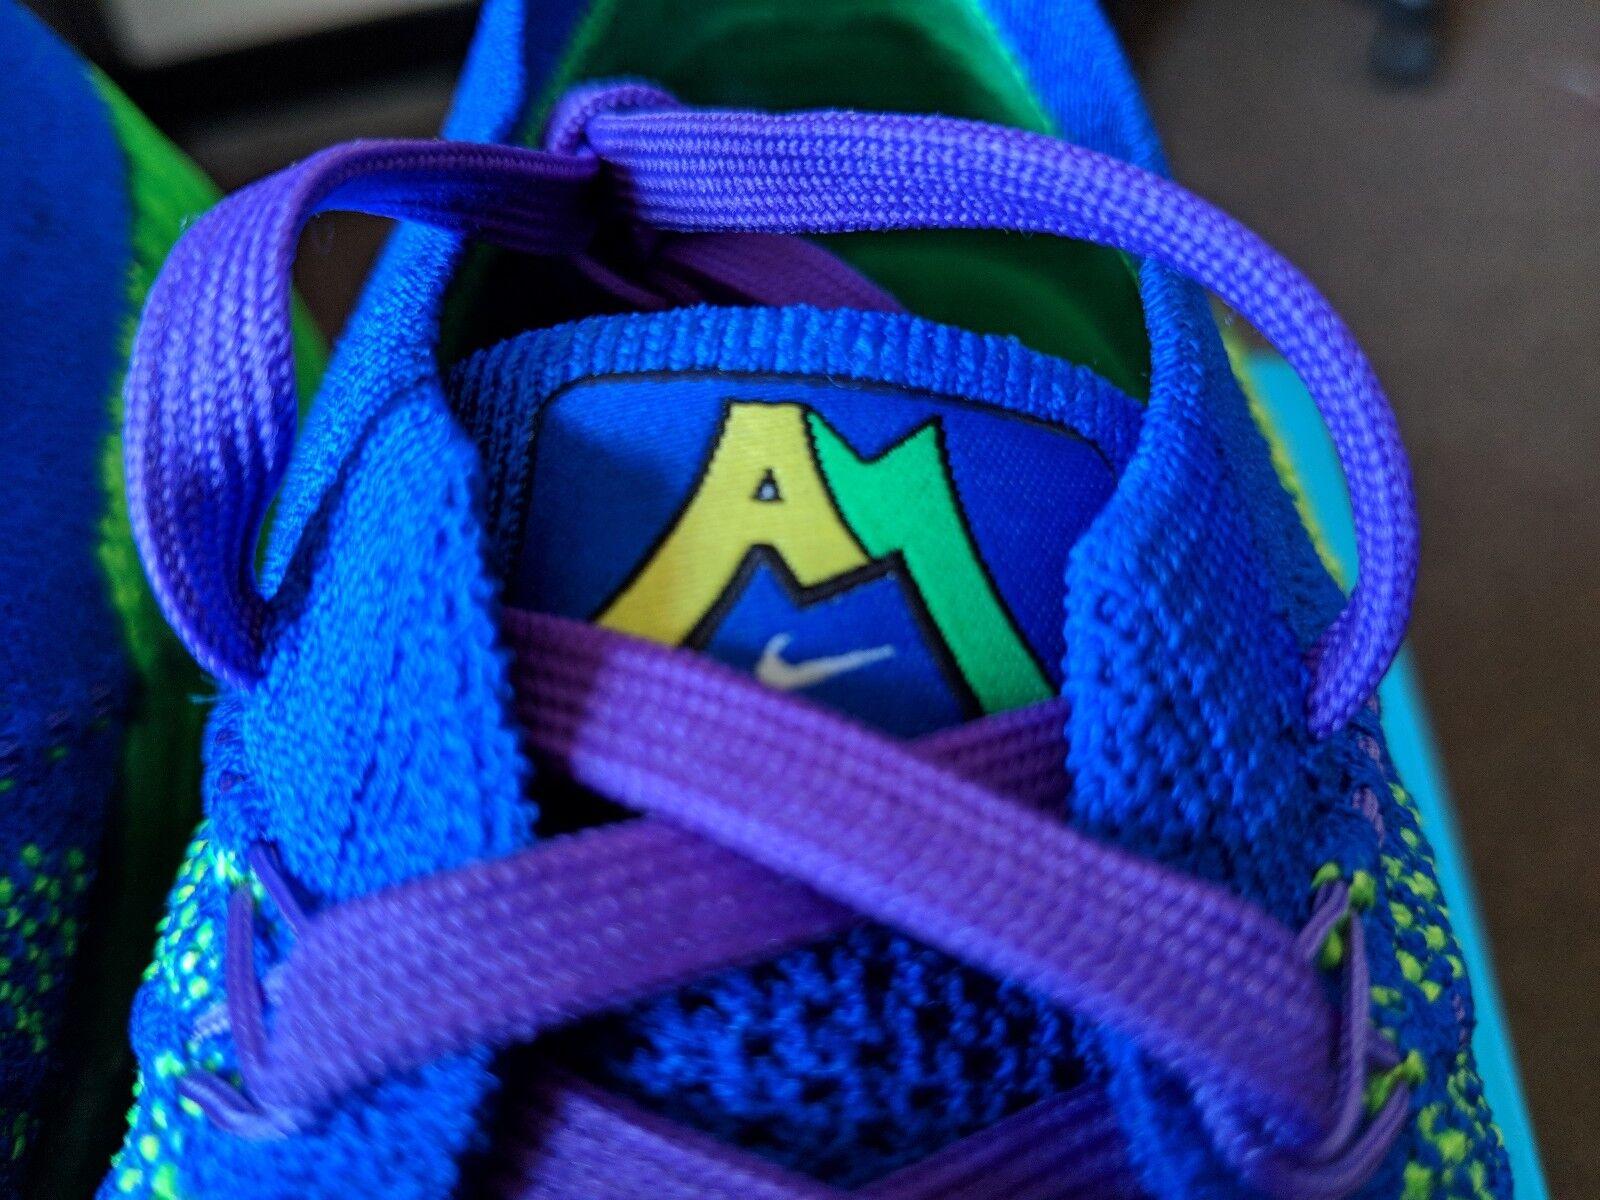 c918e8565a Nike Air Vapormax Flyknit DB Doernbecher Andrew Merydith Green Blue AH6893- 300 . ...